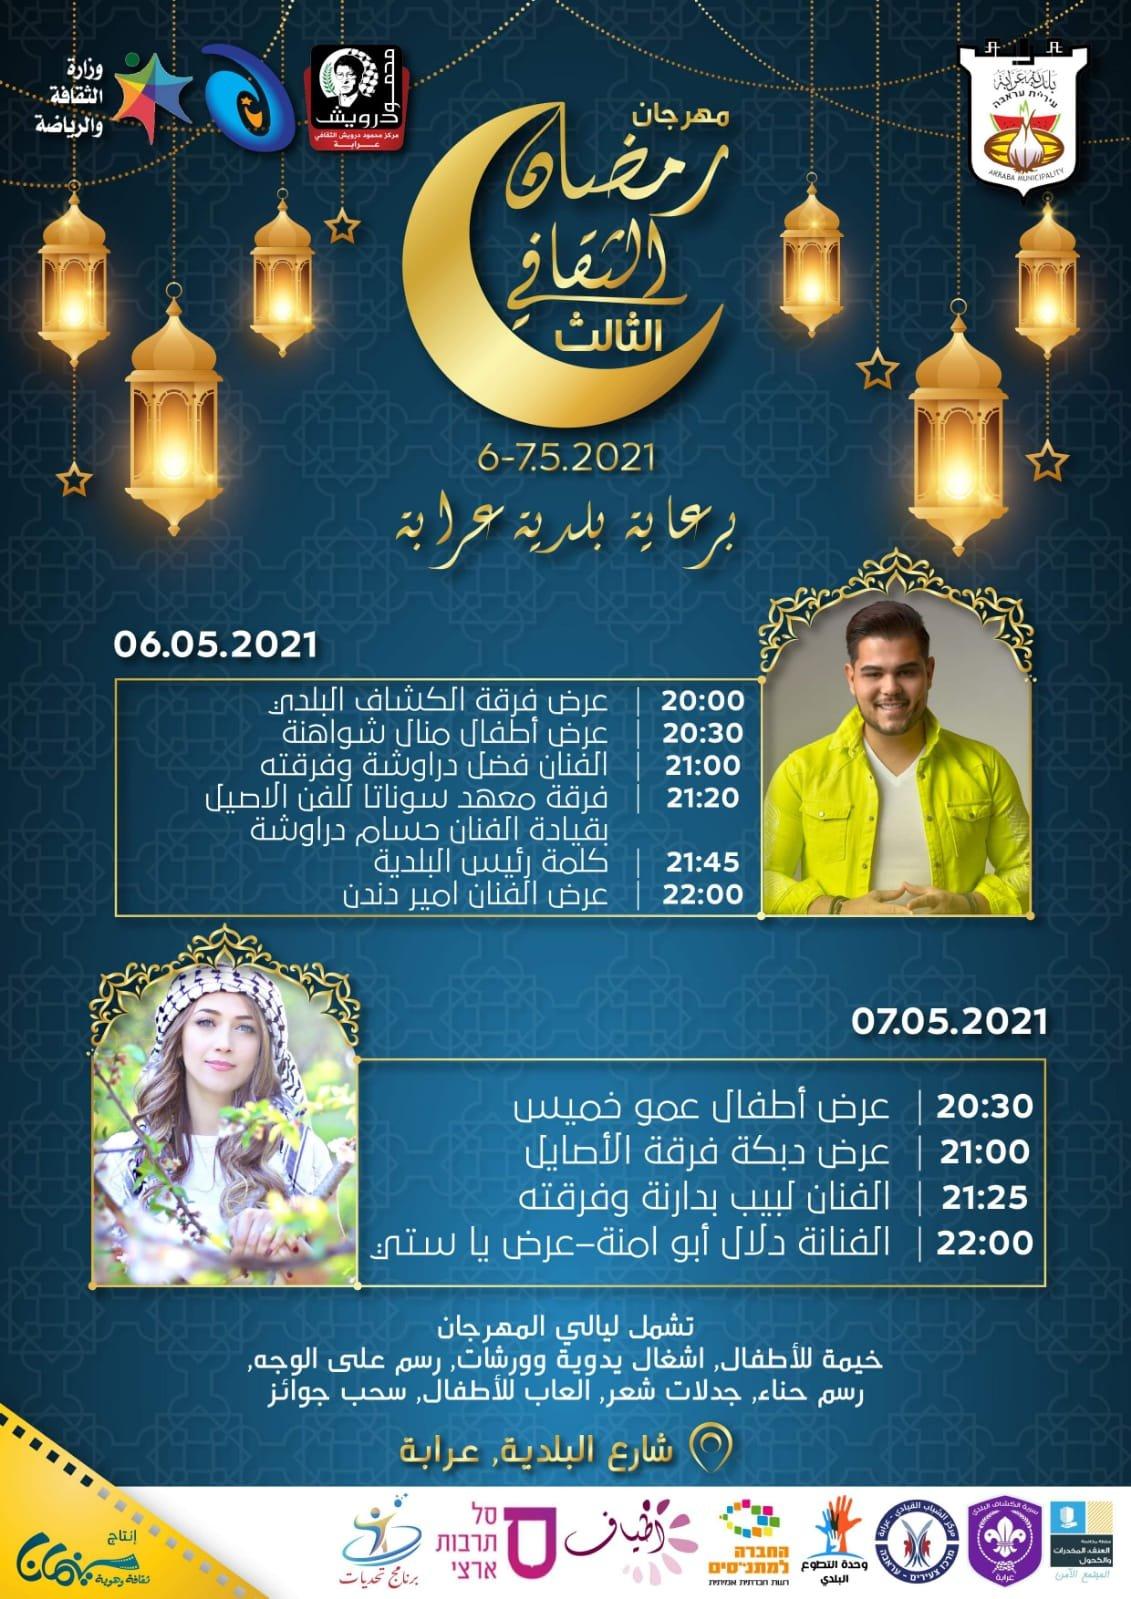 الخميس والجمعة - عرابة تحيي مهرجان رمضان الثقافي الثالث بمشاركة الفنان أمير دندن والفنانة دلال أبو آمنة-3